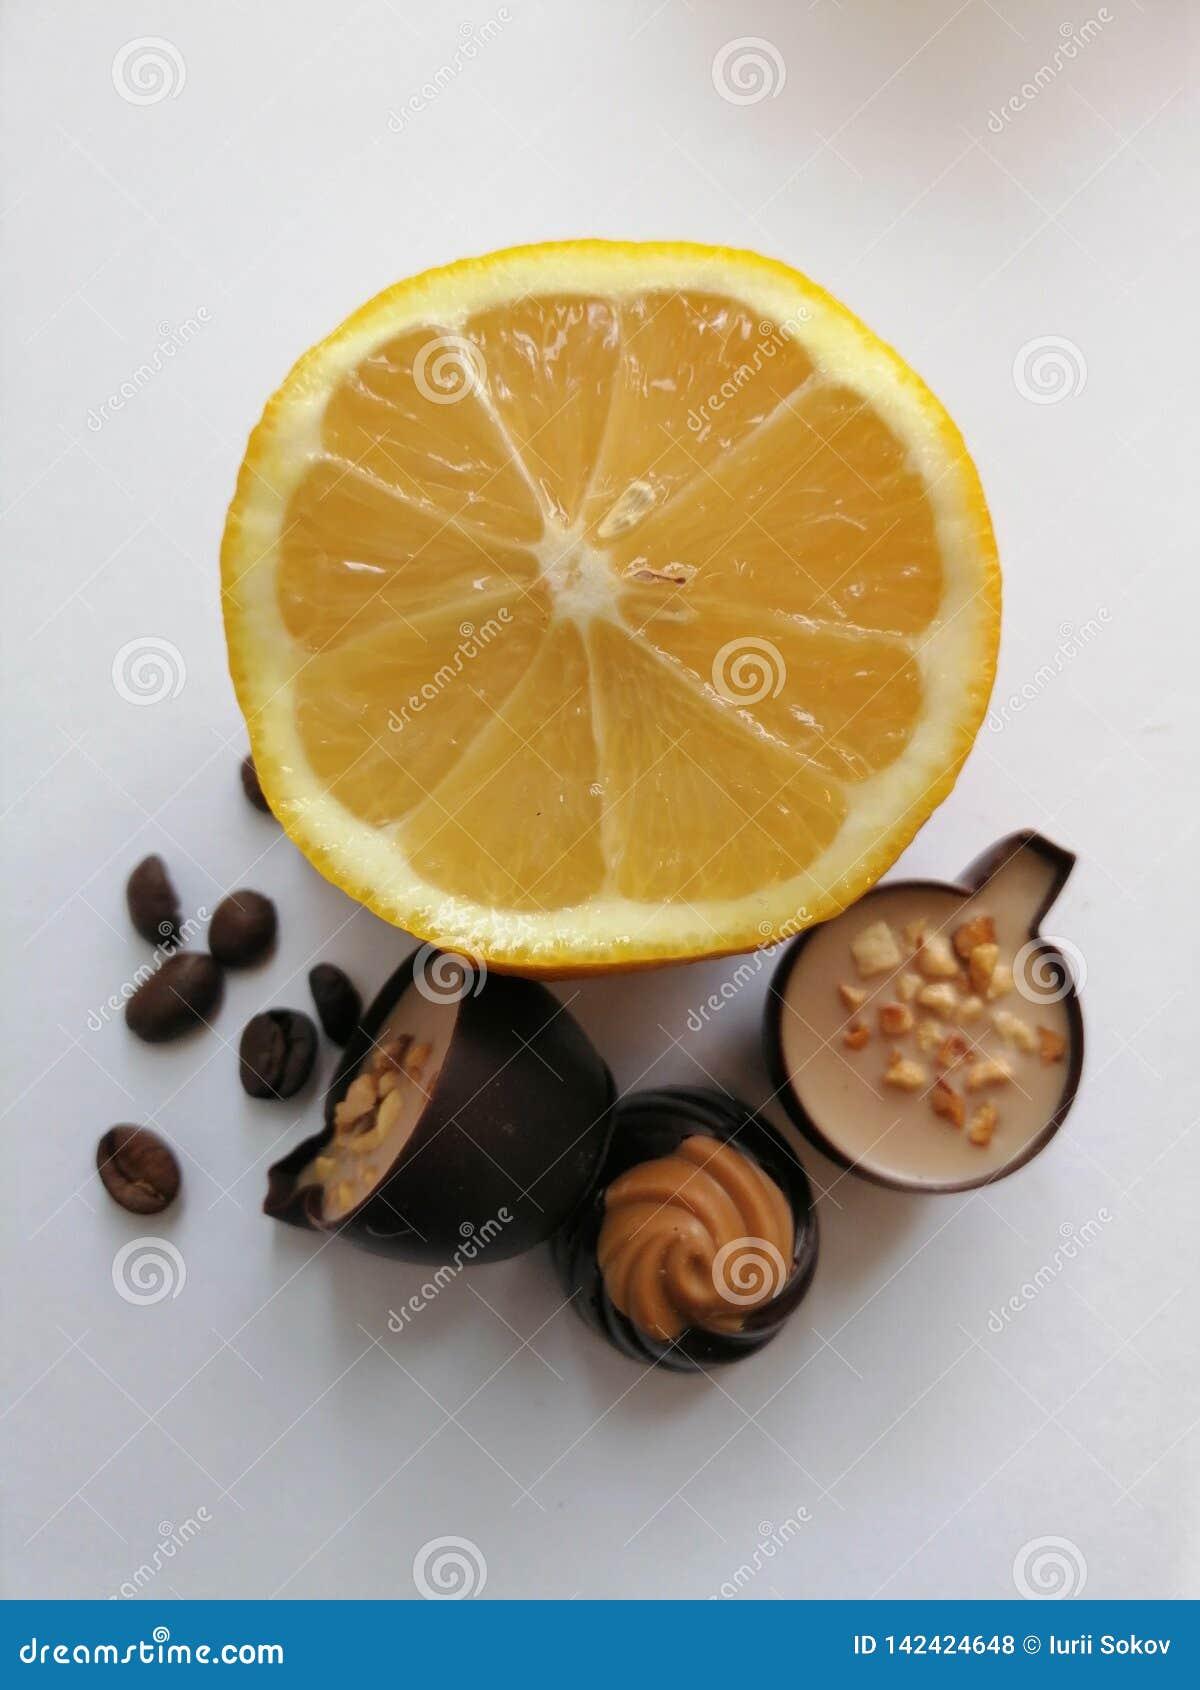 Citron, grains de café et sucrerie